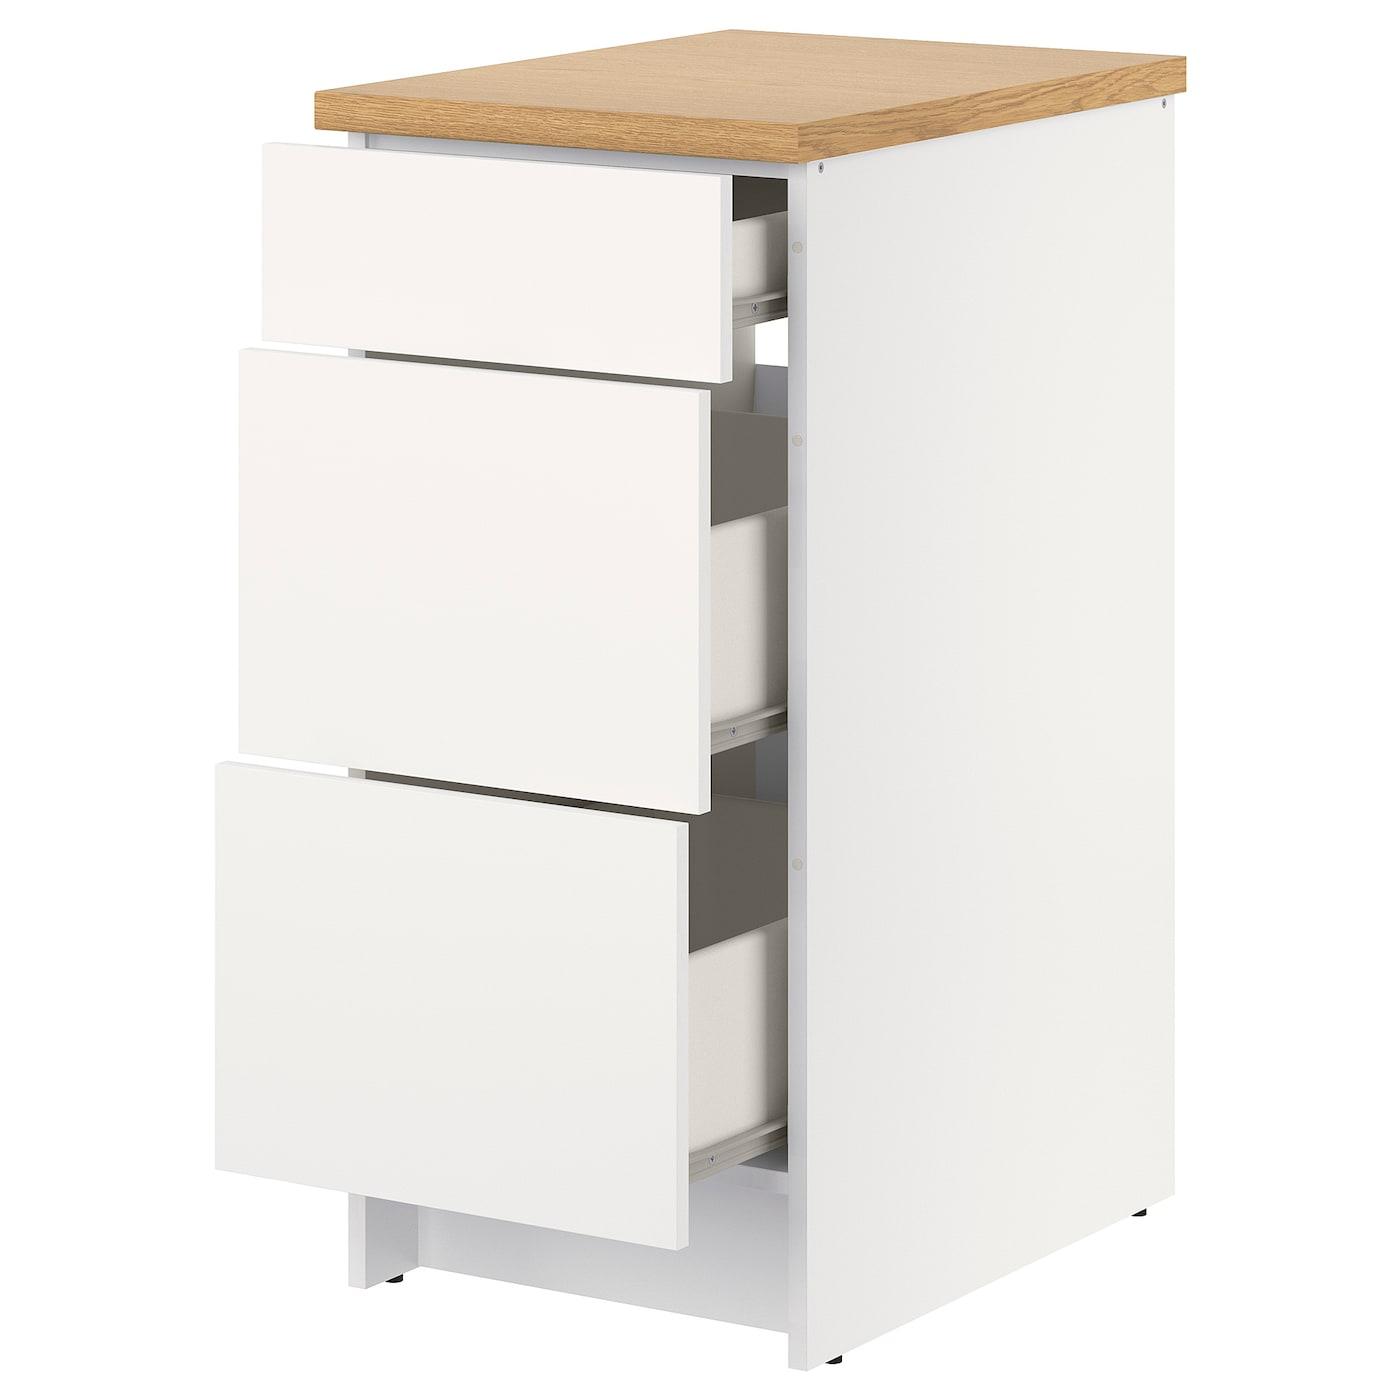 Knoxhult Unterschrank Mit Schubladen Weiss Ikea Deutschland